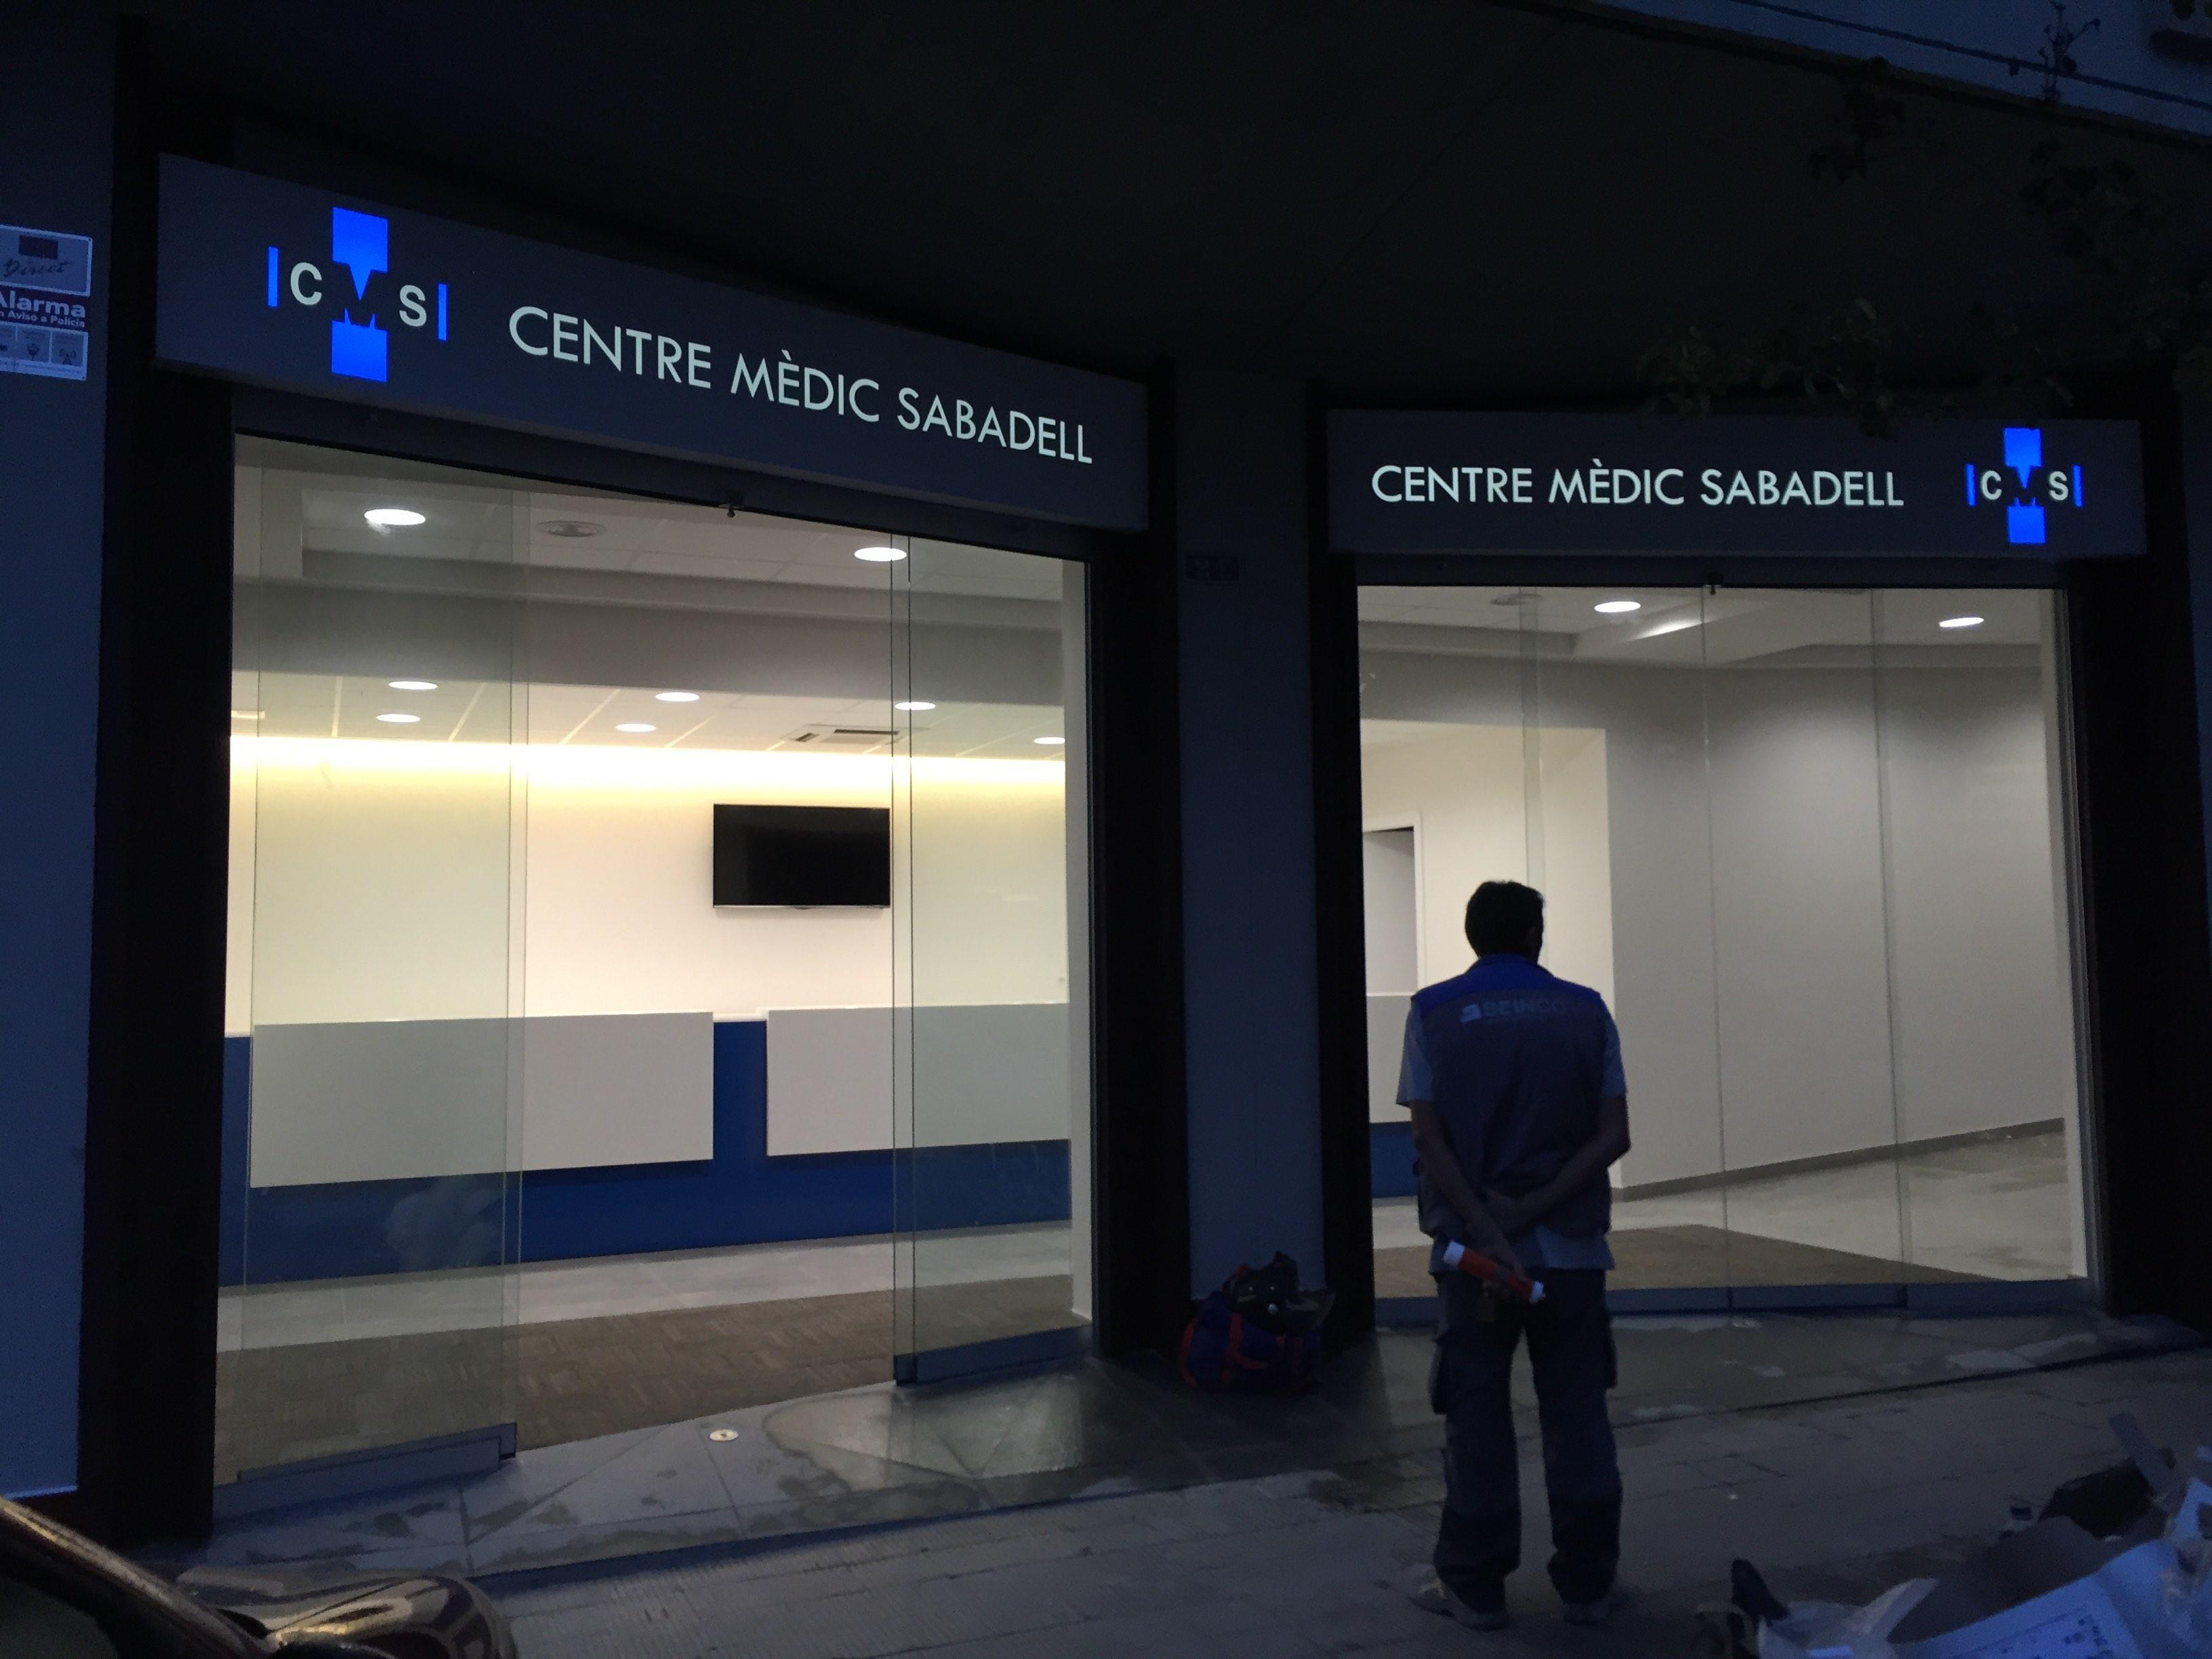 Centro médico en Sabadell planos fachada iluminada